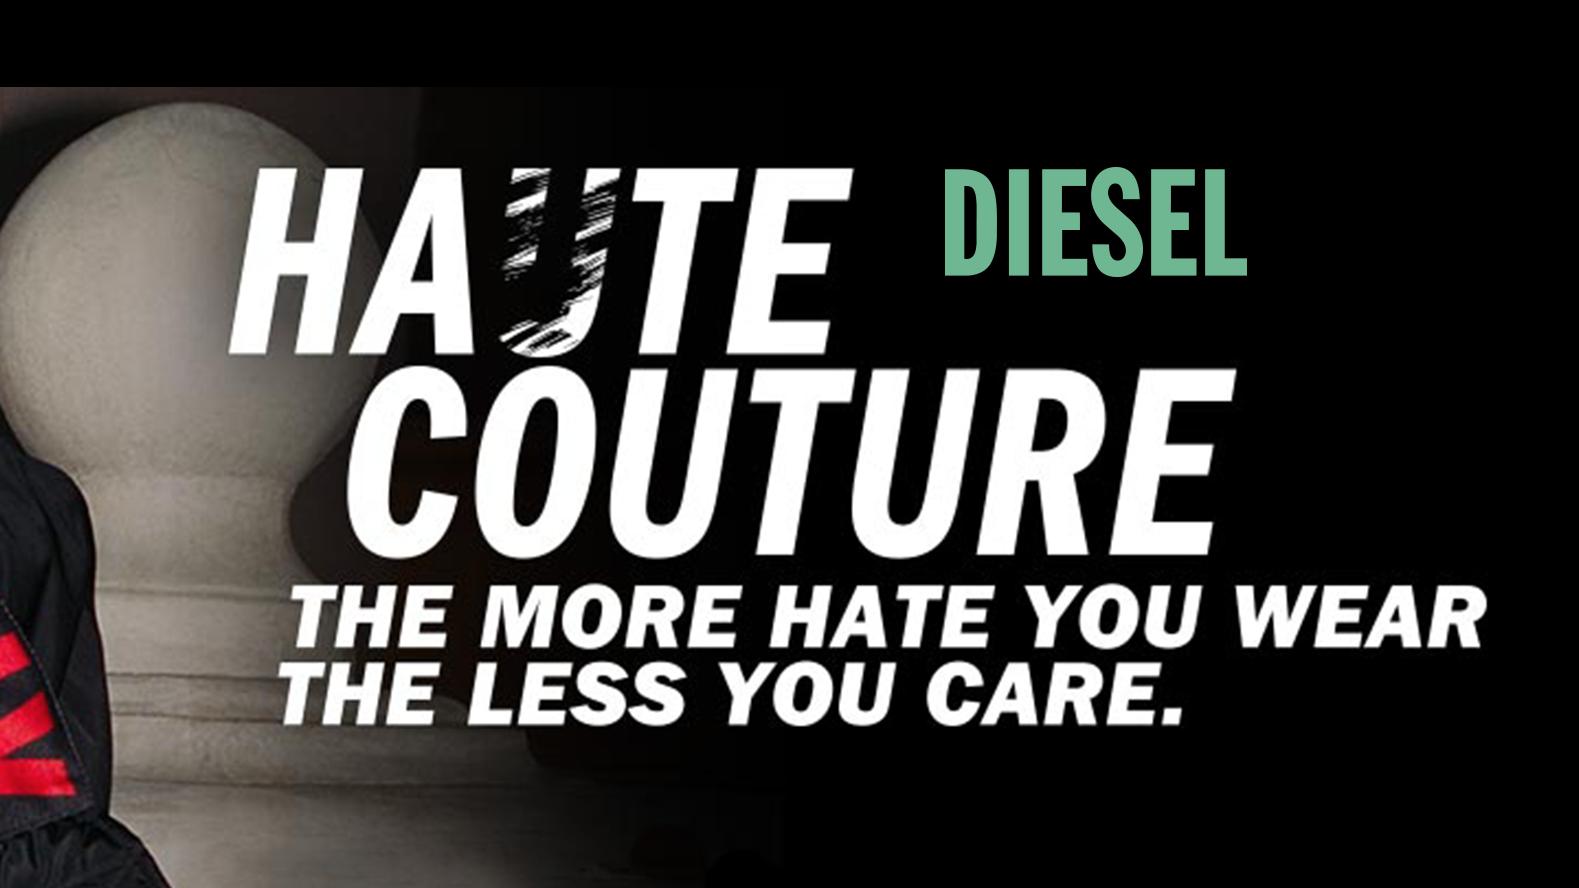 diesel_hate_couture_nuvolari_blog